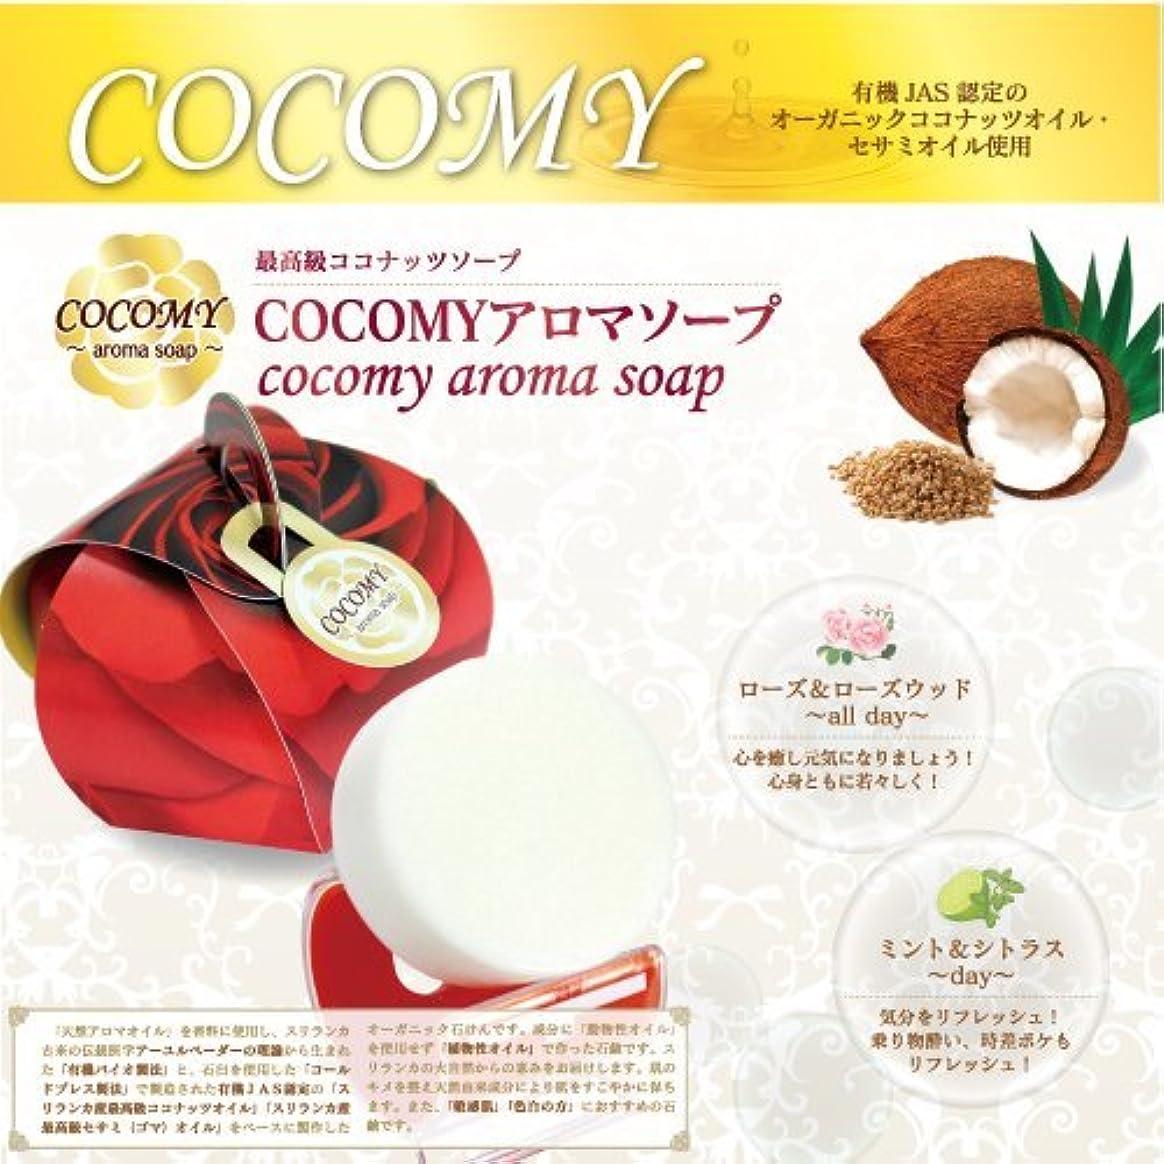 志す推論花輪COCOMY aromaソープ 2個セット (ミント&シトラス)(ローズ&ローズウッド) 40g×各1